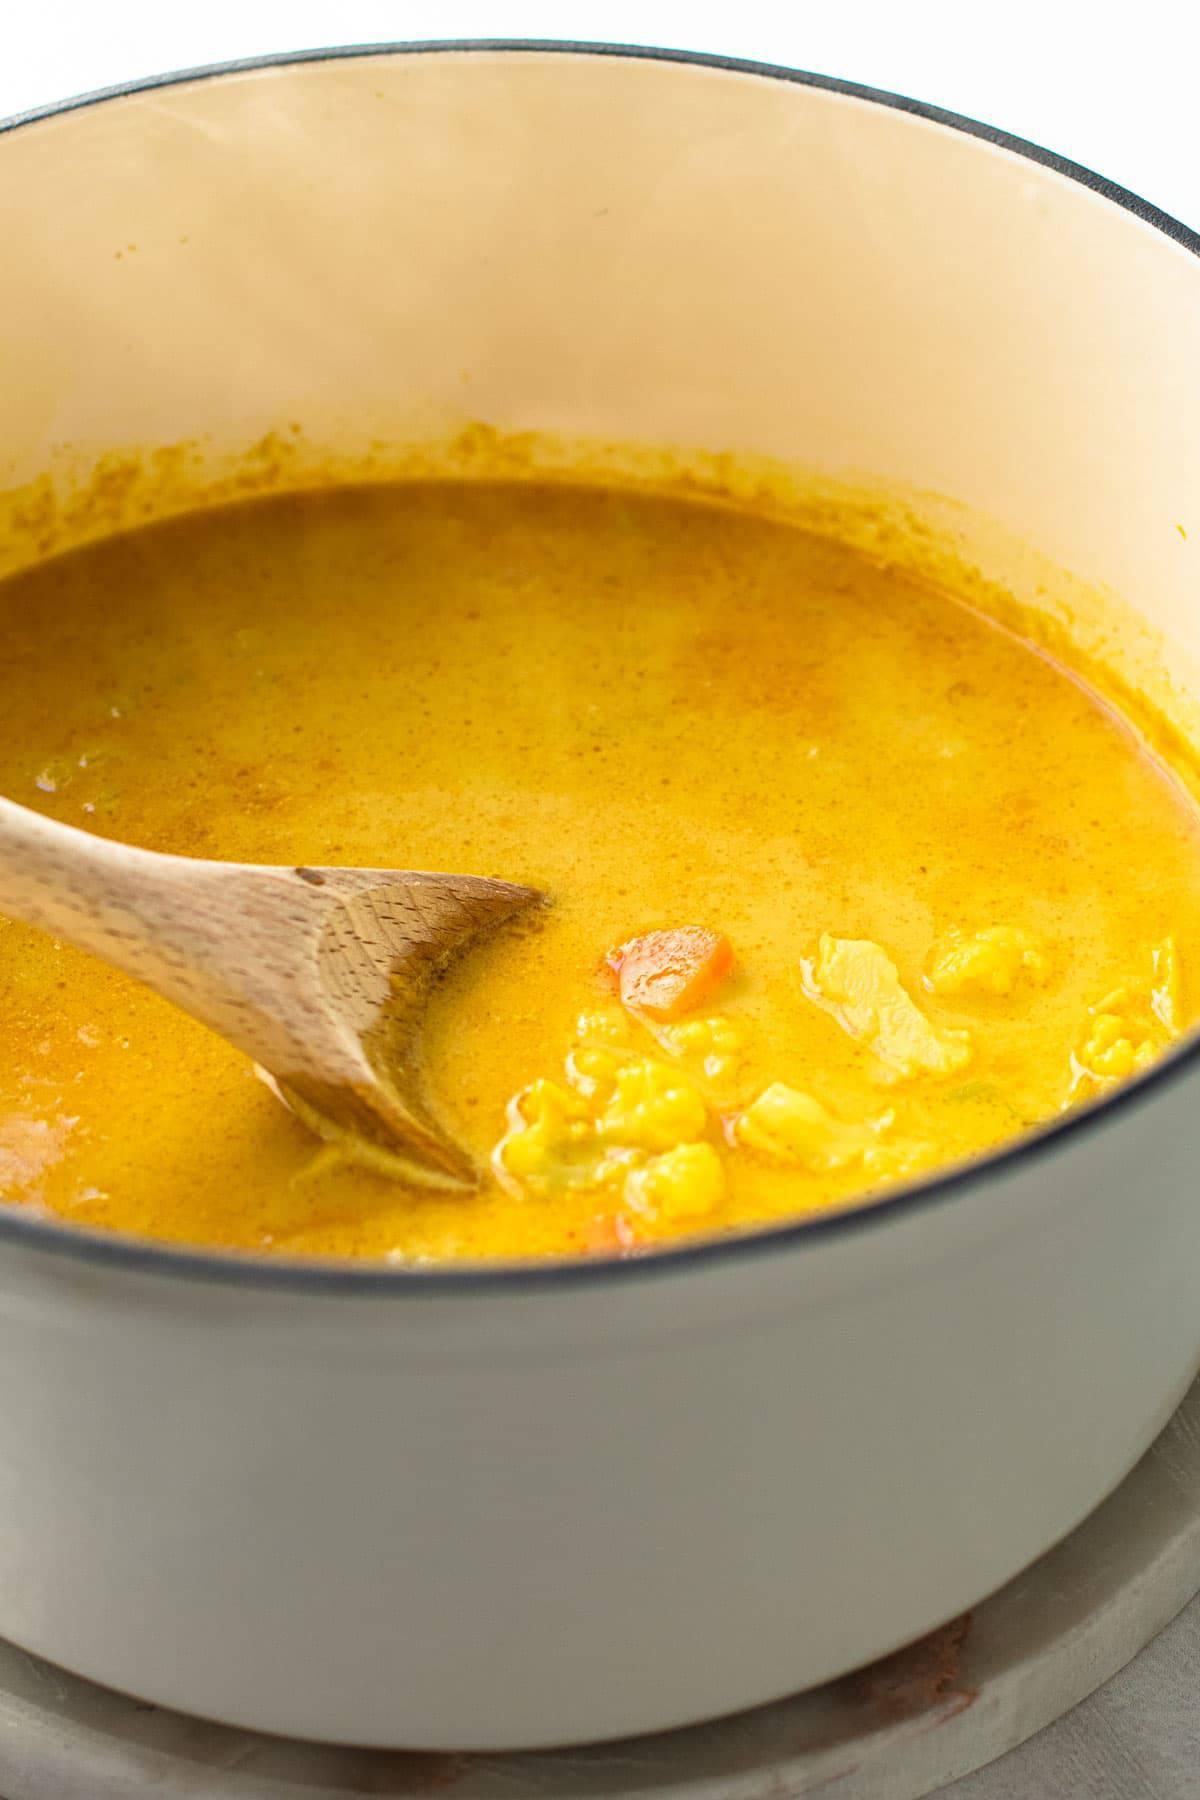 A pot of vegan cauliflower soup.